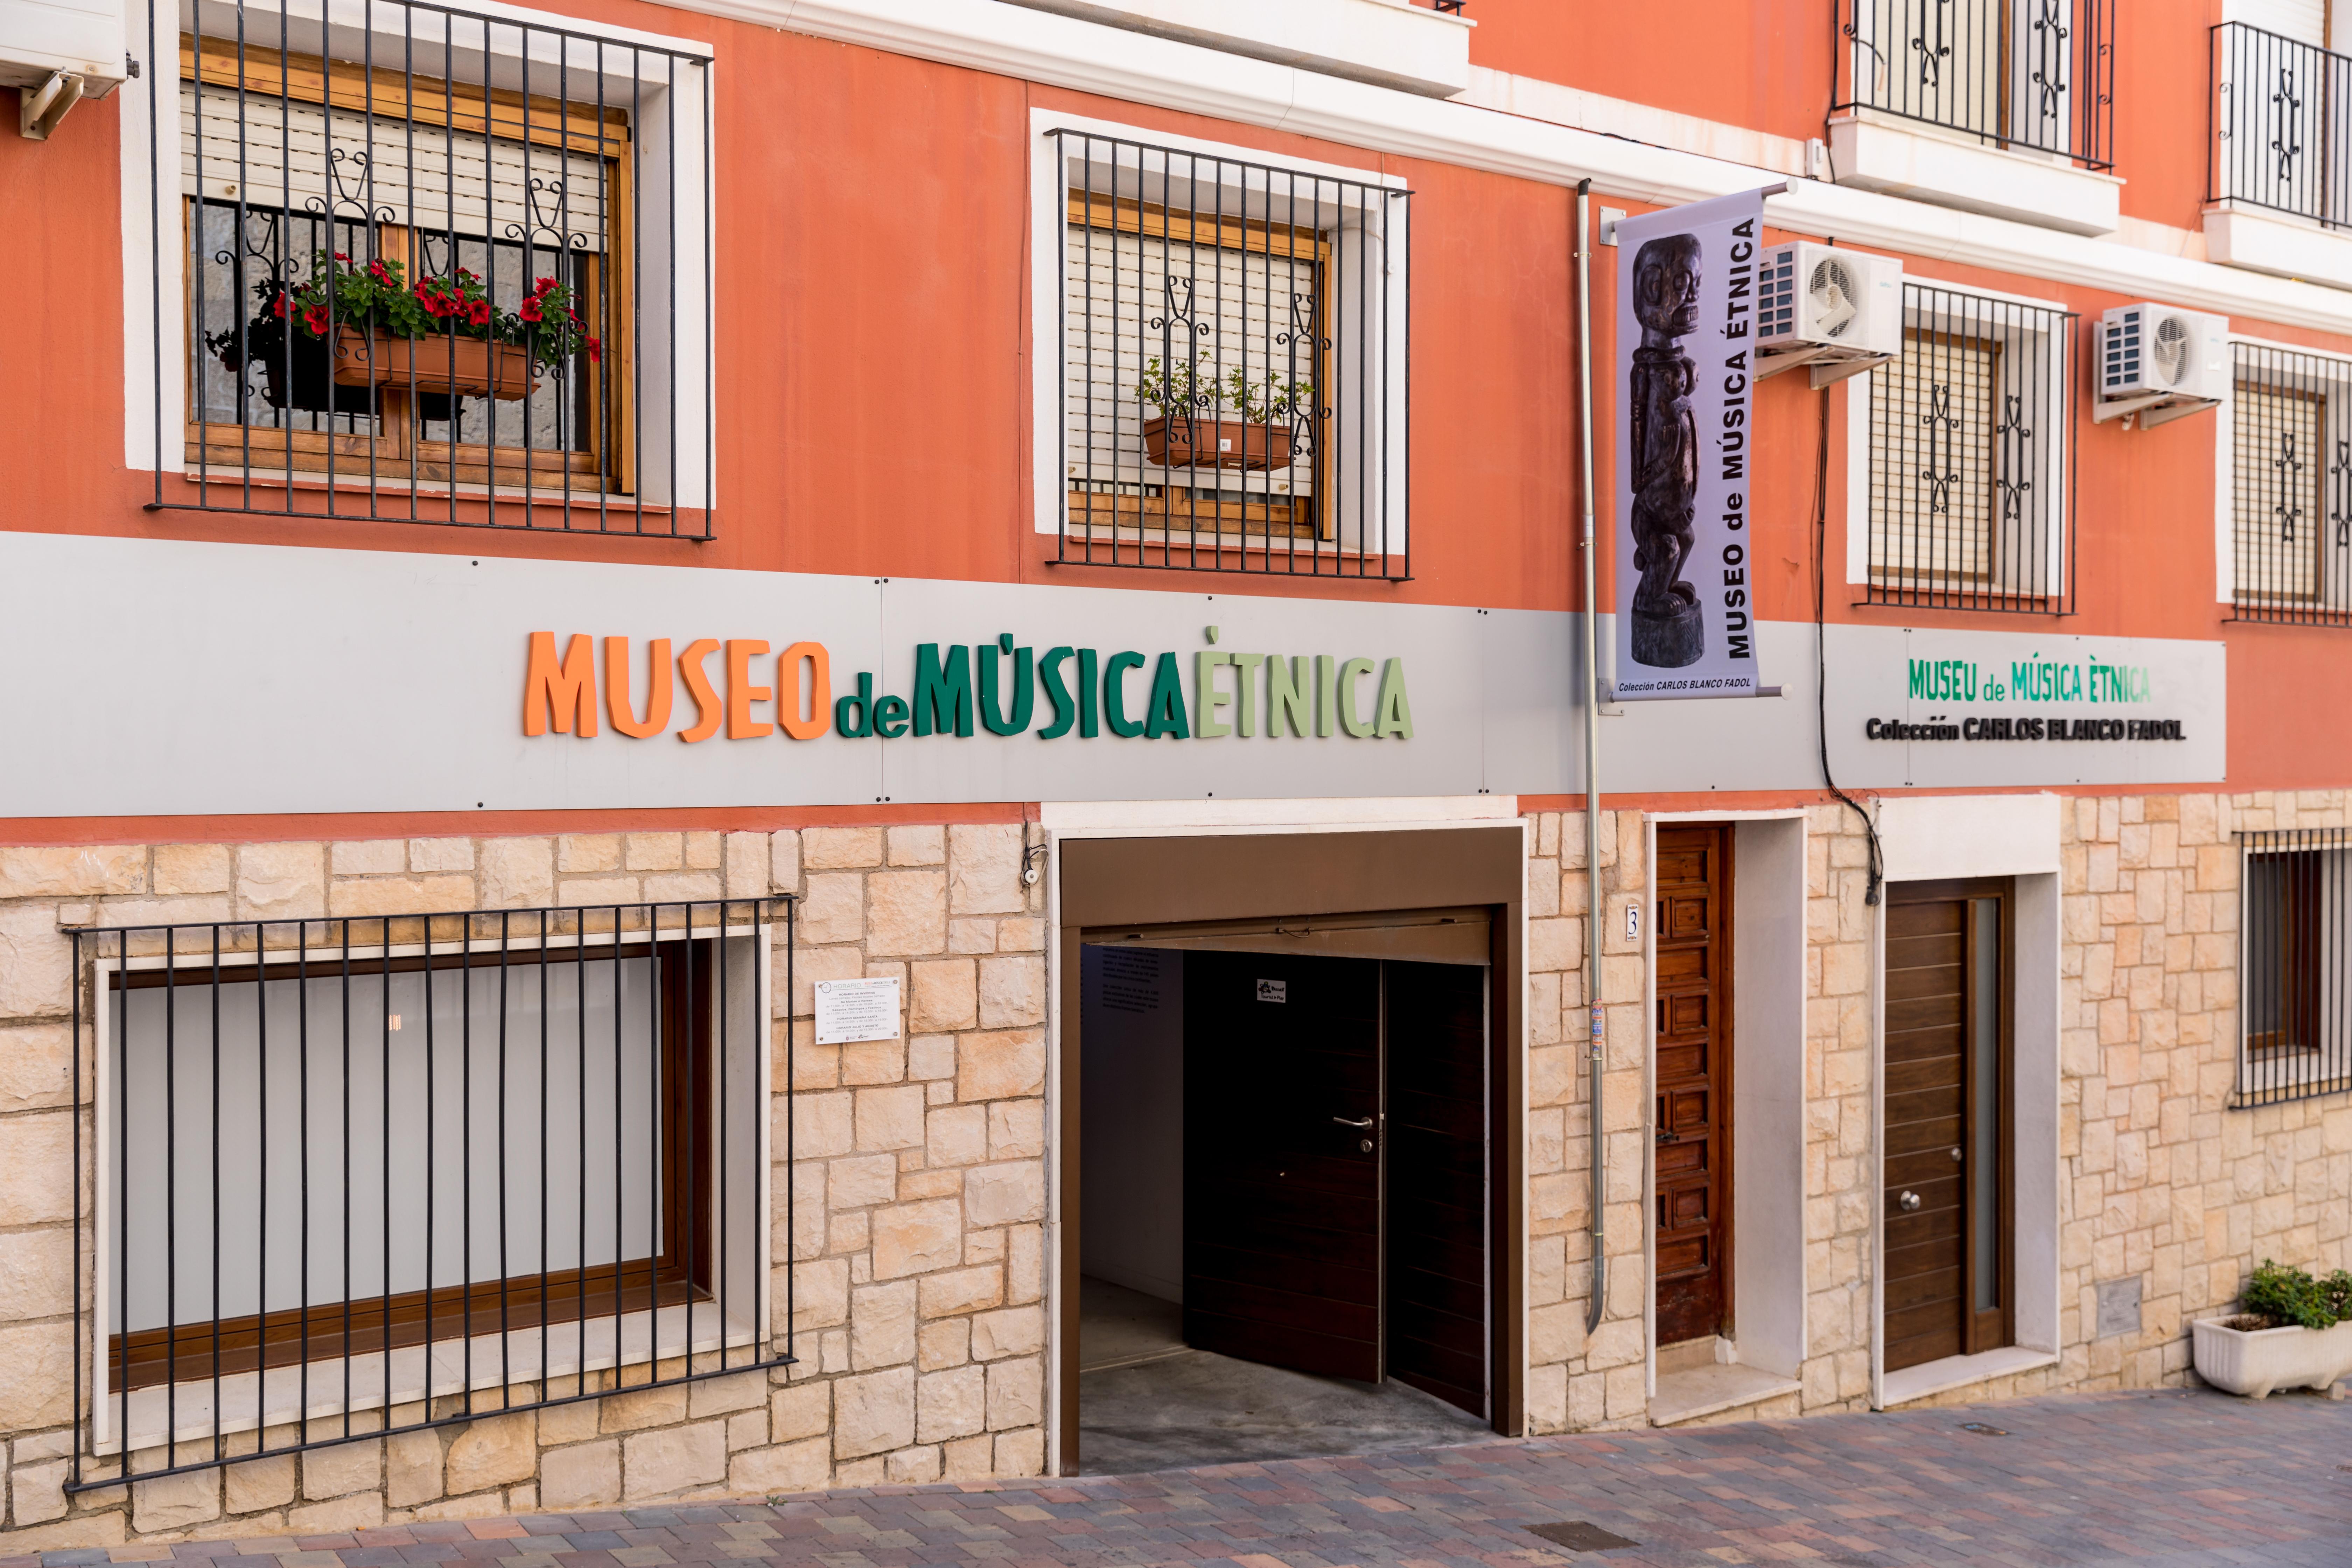 Museo de Música Étnica